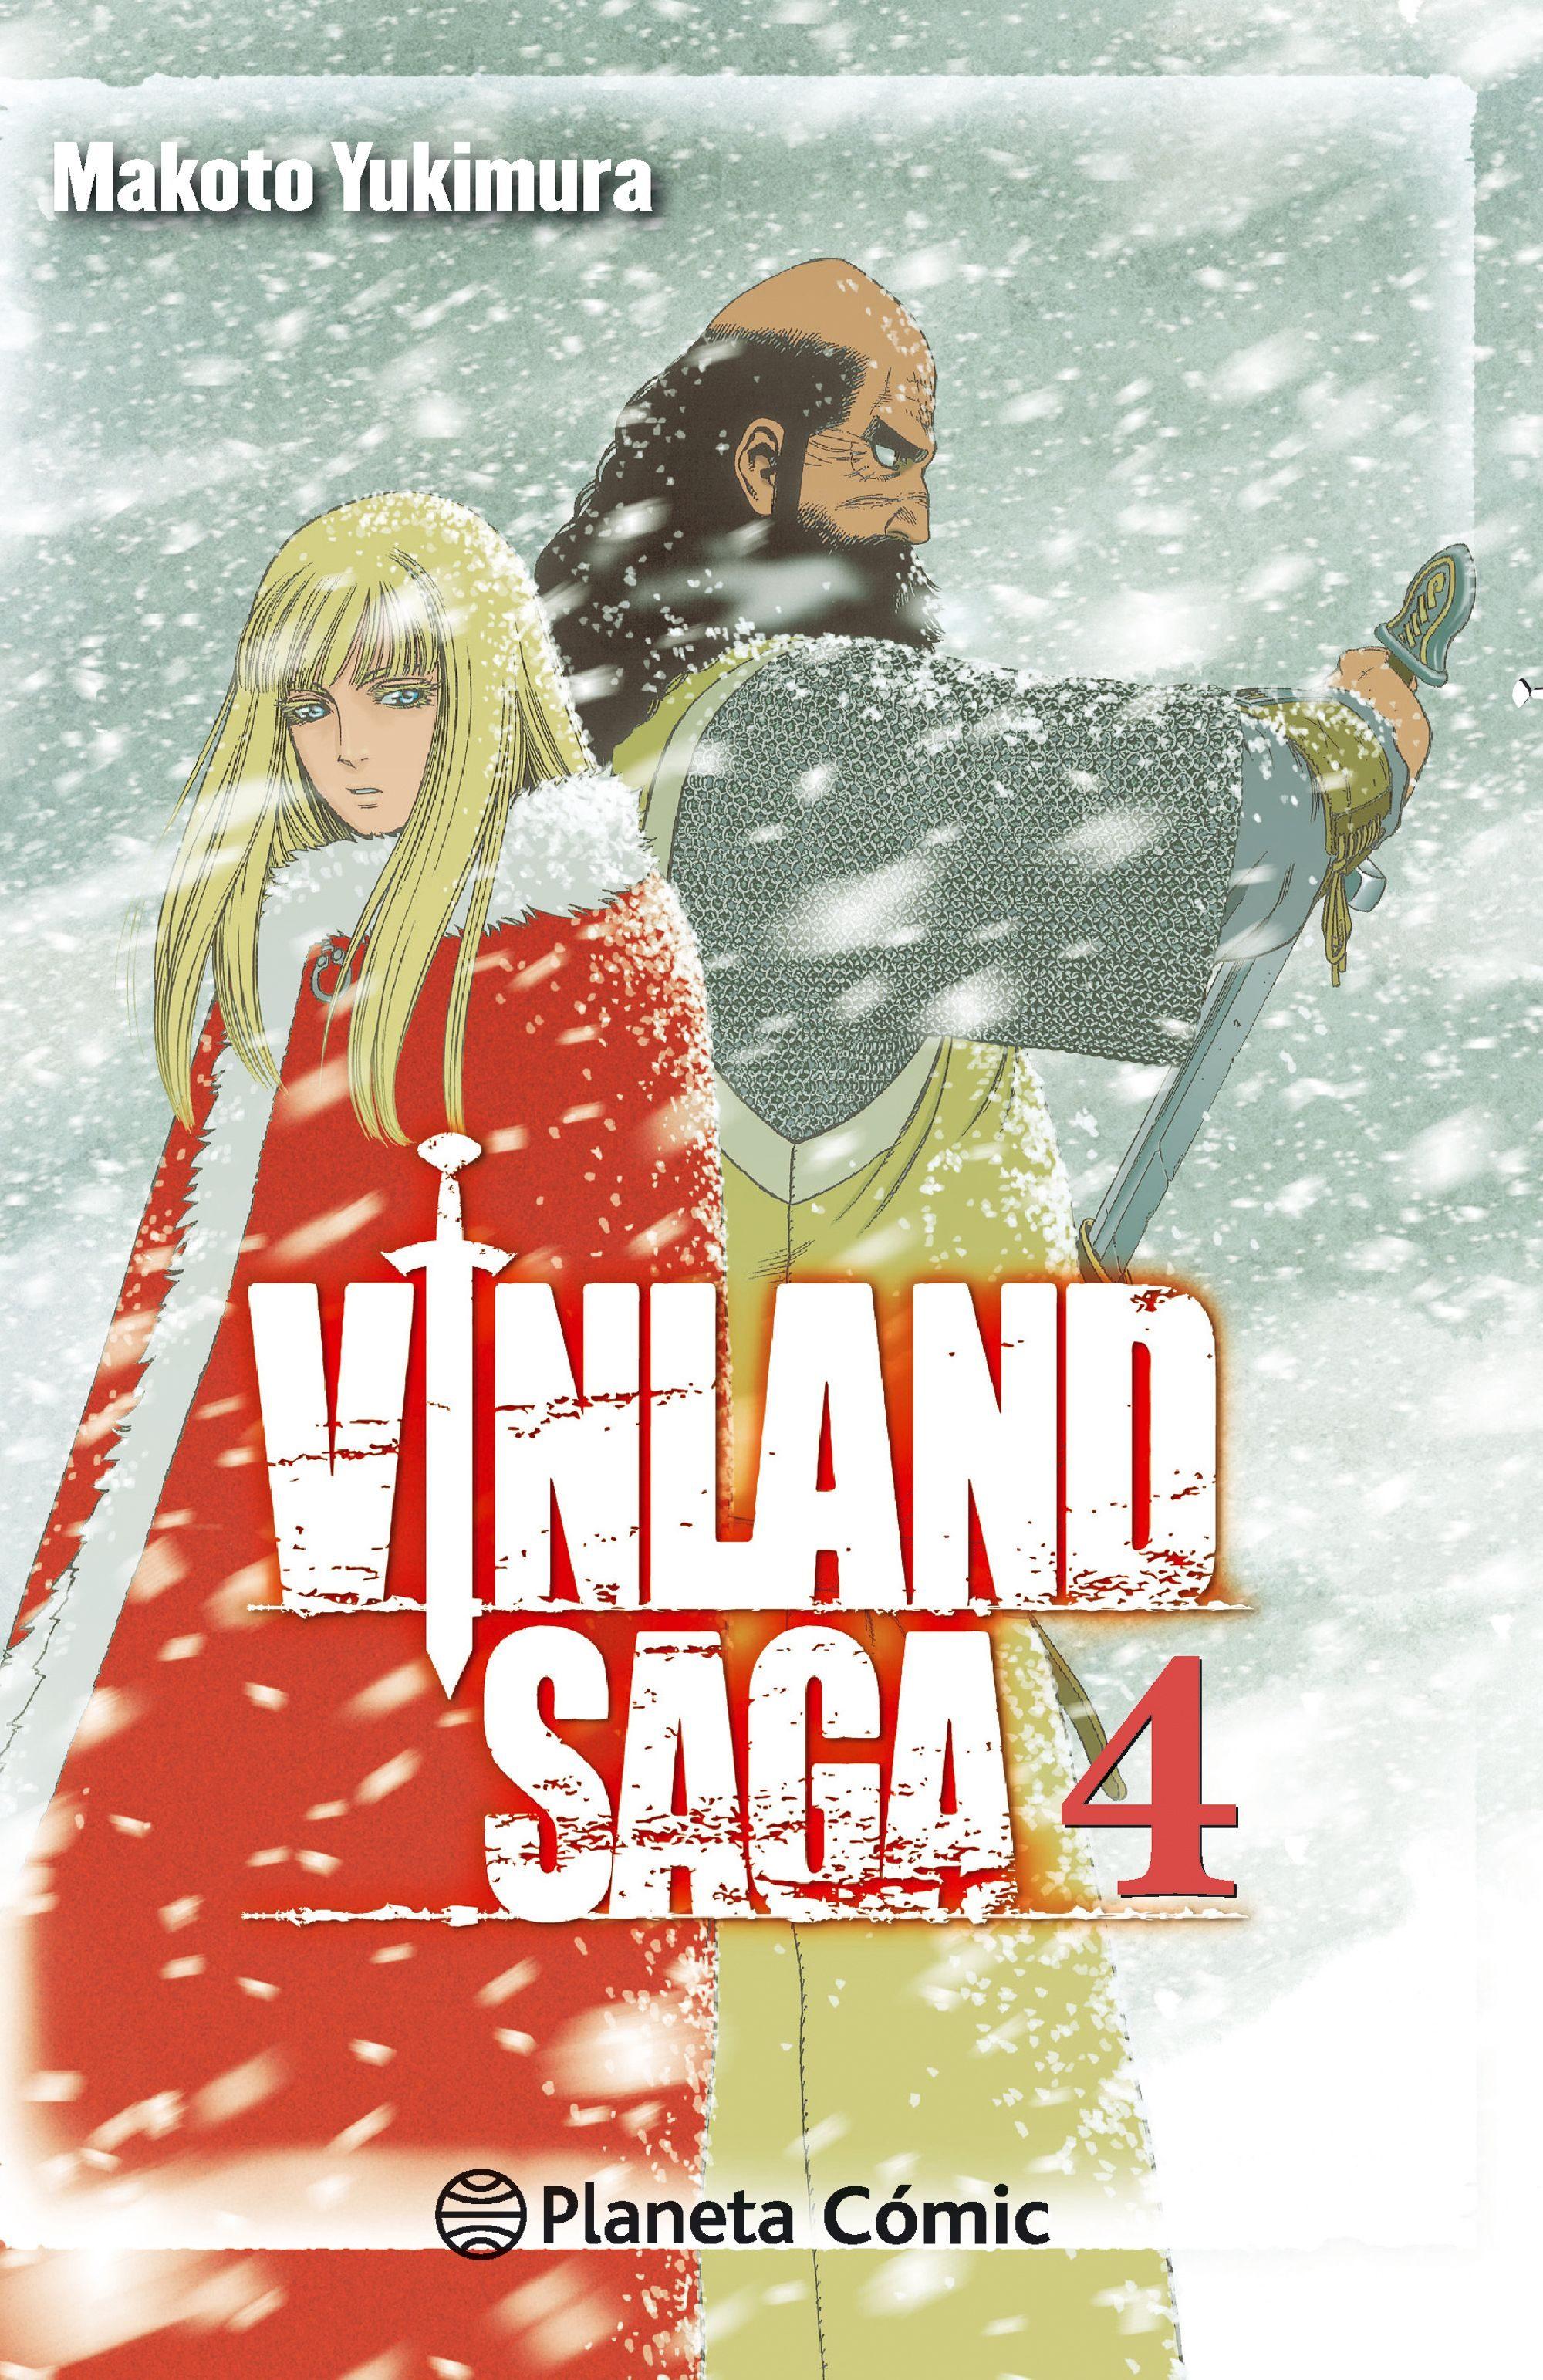 Vinland Saga 4 - Makoto Yukimura - Planeta Deagostini Cómics